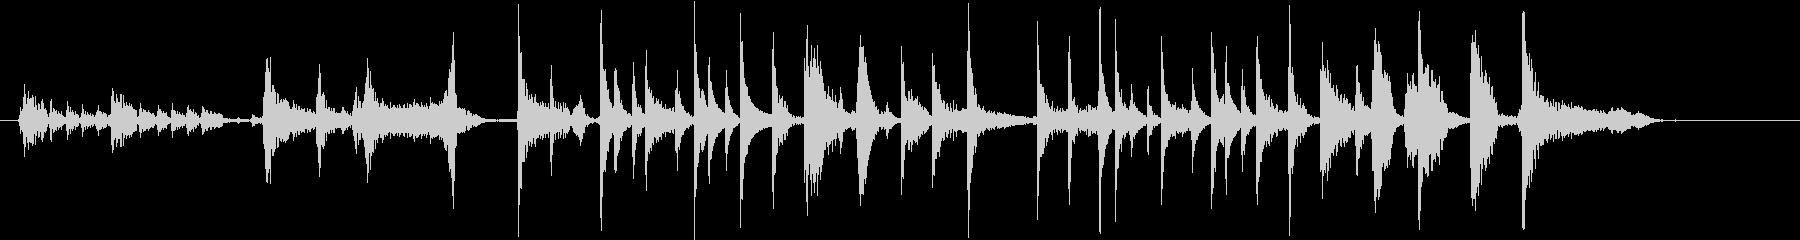 パーカッシブギターの未再生の波形